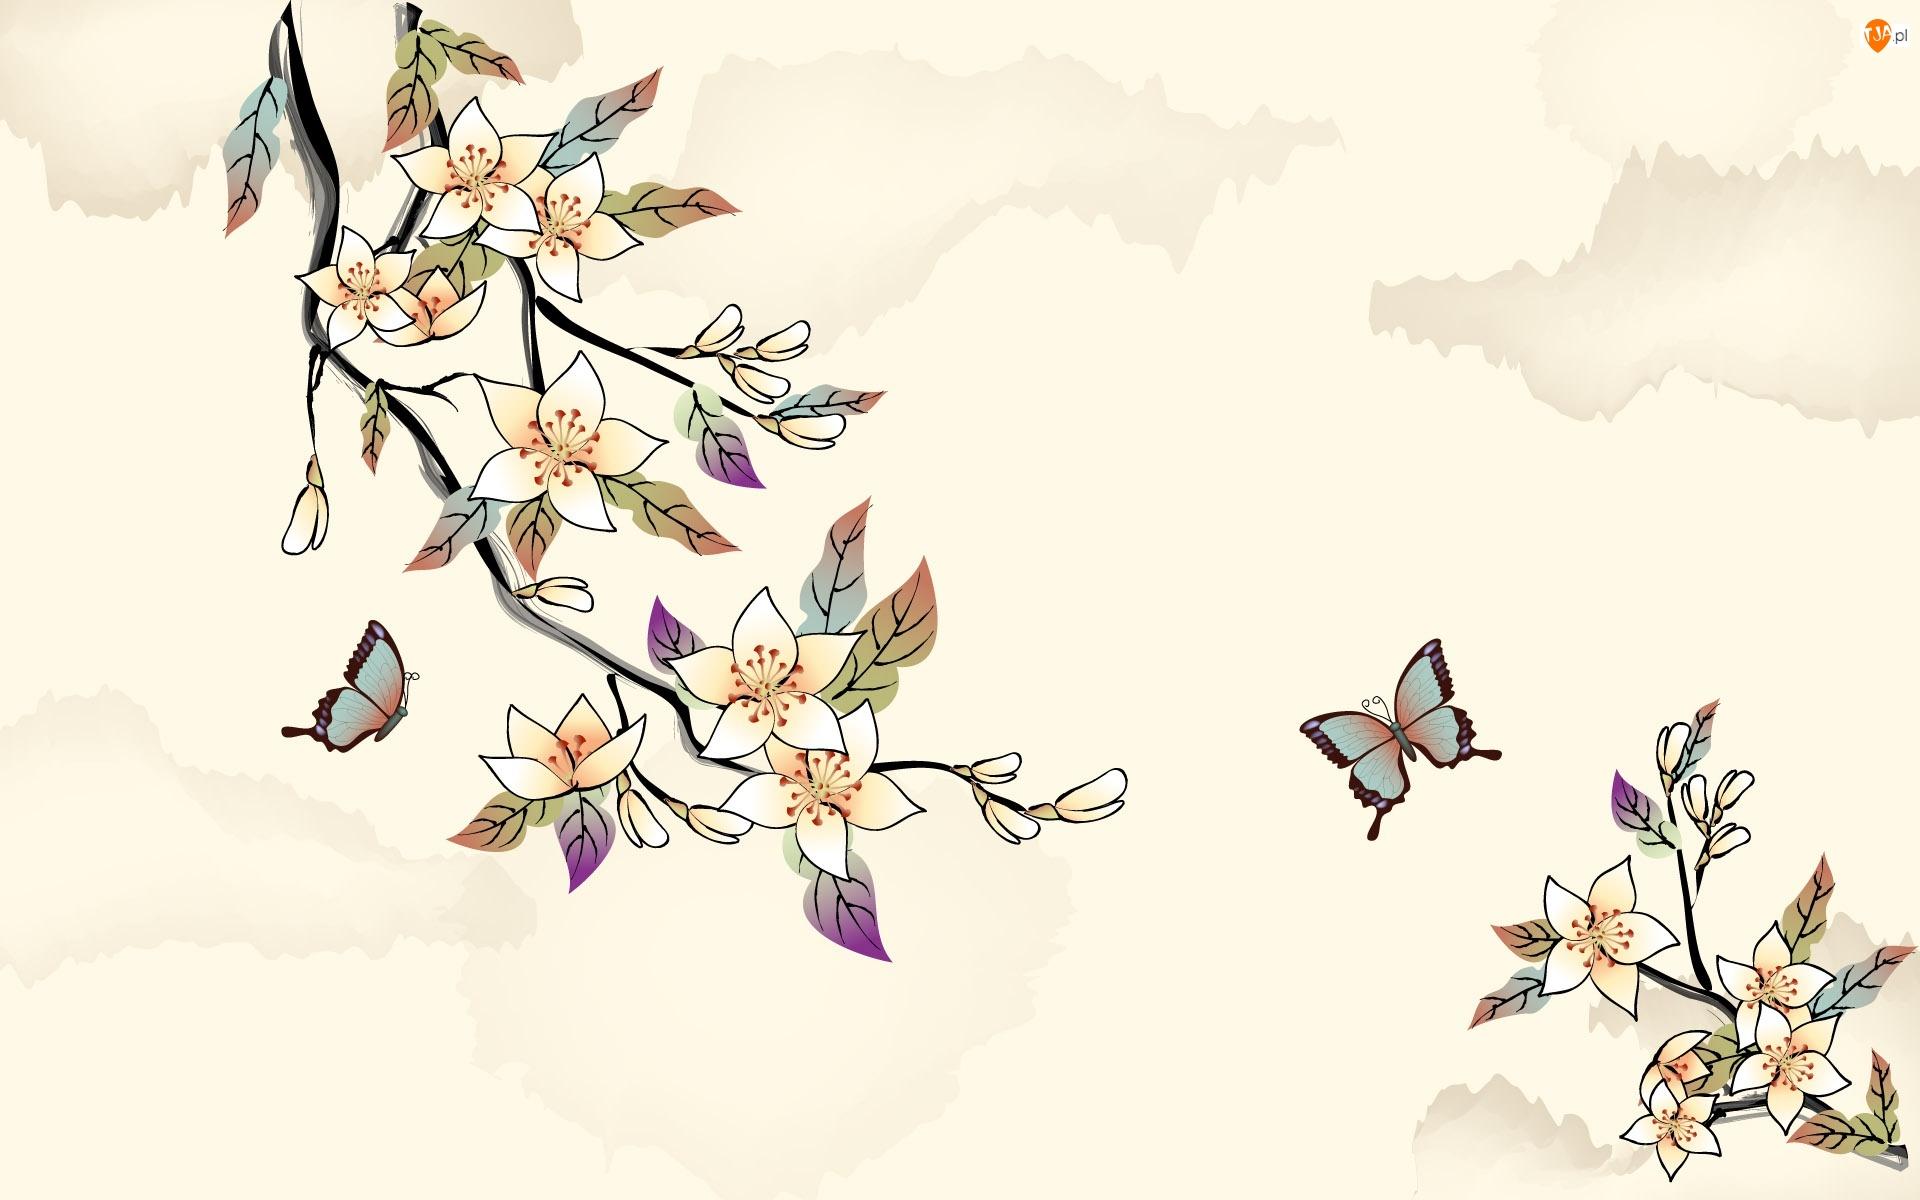 Kwiaty, Pomarańczowe, Gałązki, Motyle, Kwitnące, Biało